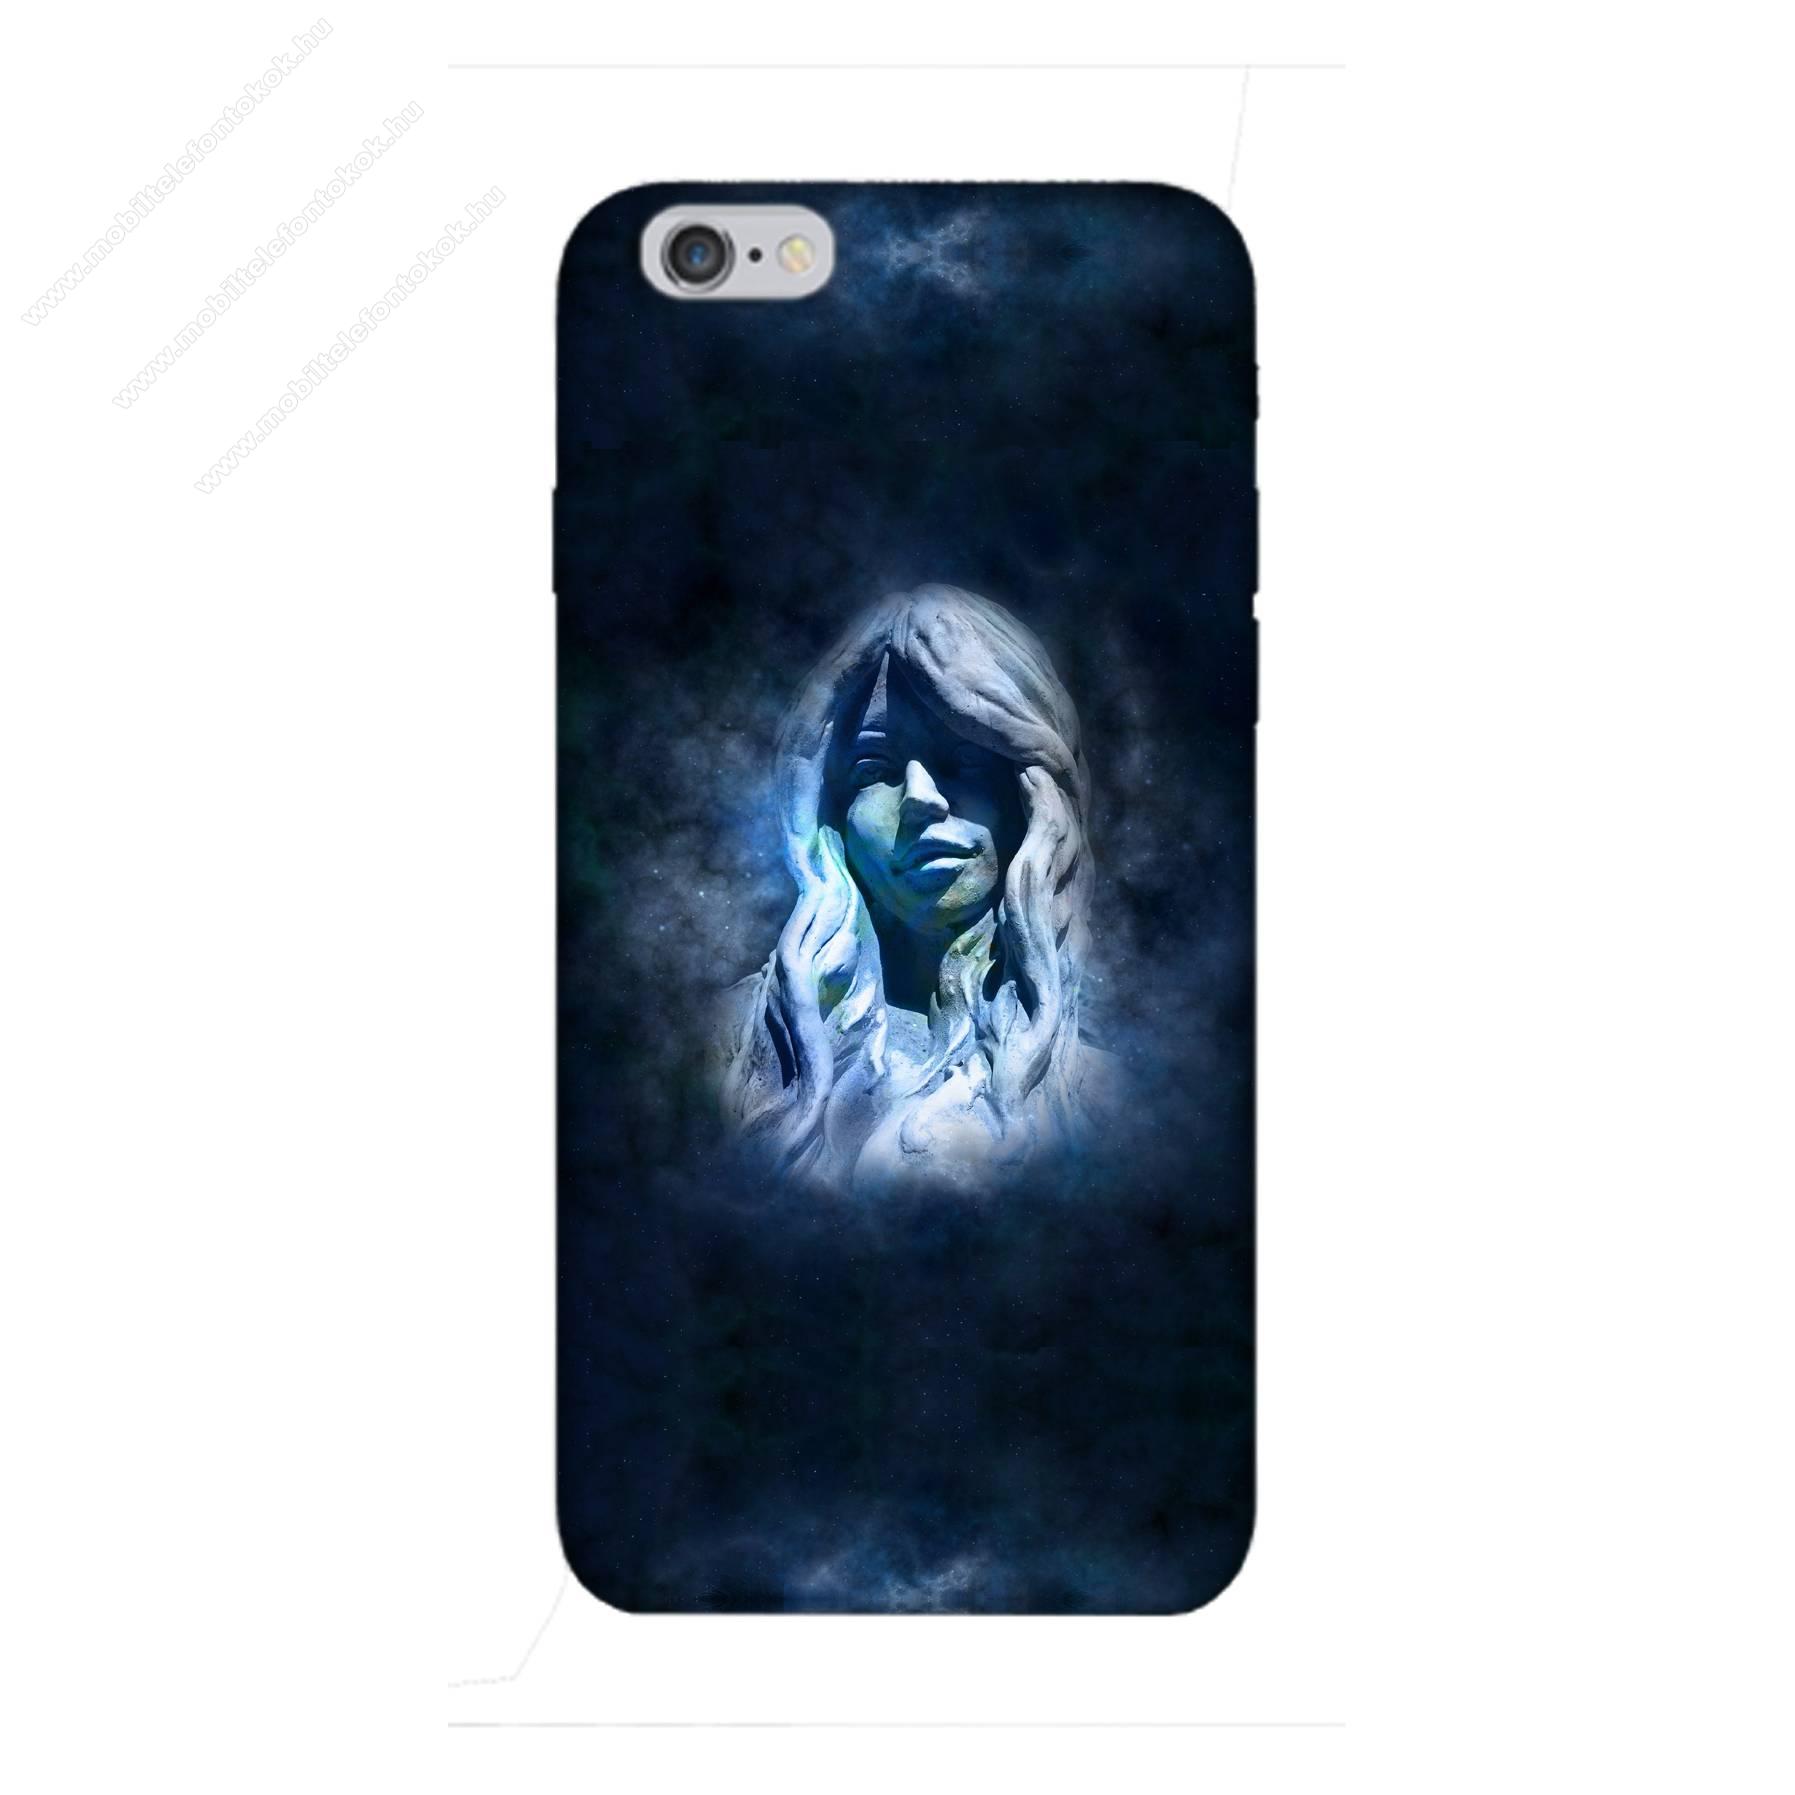 E-pic szilikon védő tok / hátlap - Horoszkóp, Szűz mintás - APPLE iPhone 6 Plus / APPLE iPhone 6s Plus